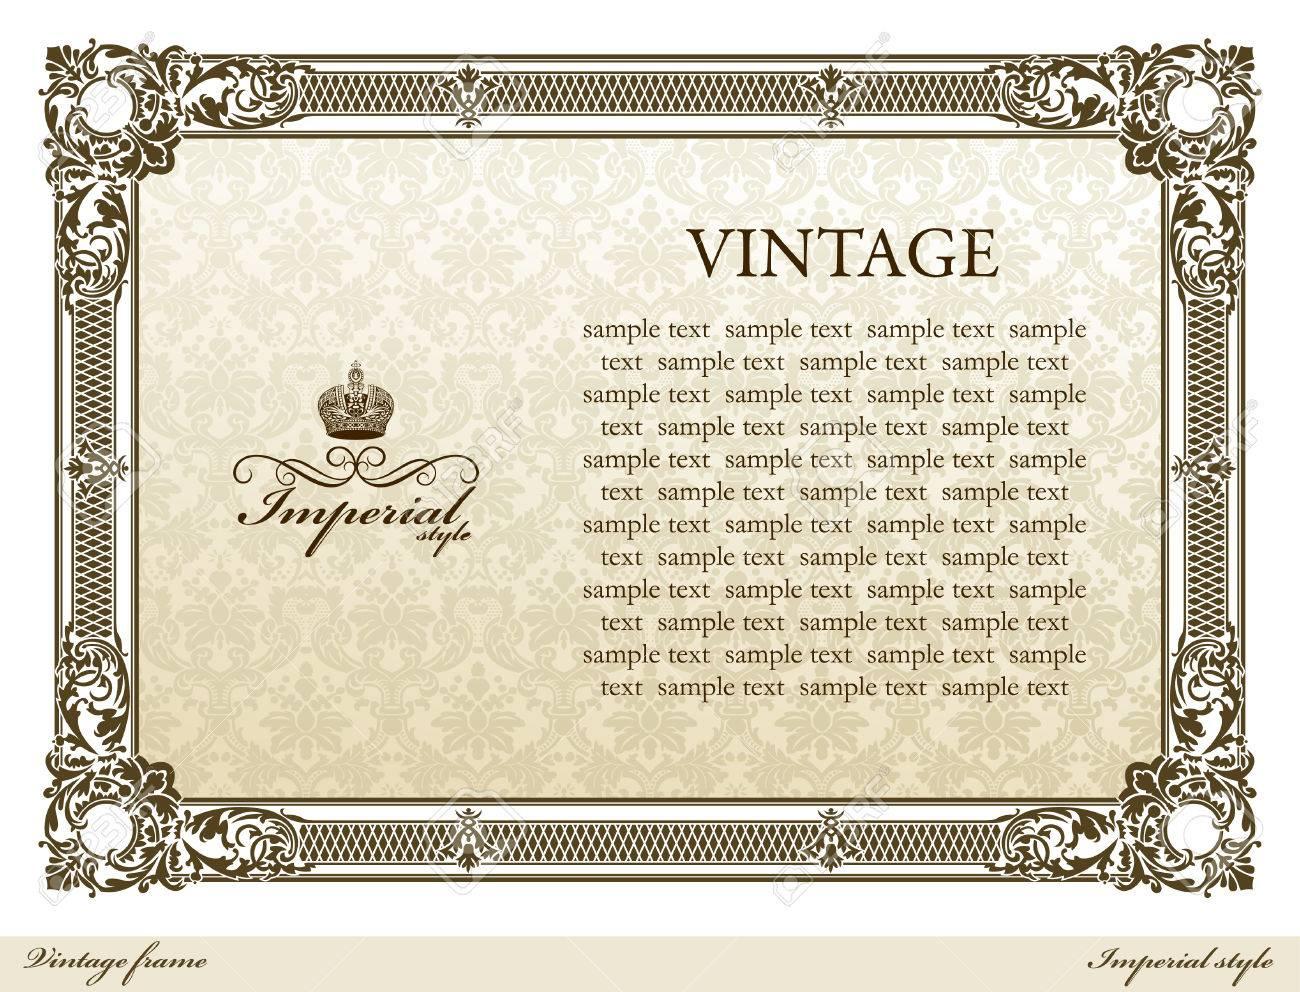 Medieval vintage decorative ornament frame brown.  illustration Stock Vector - 7998317